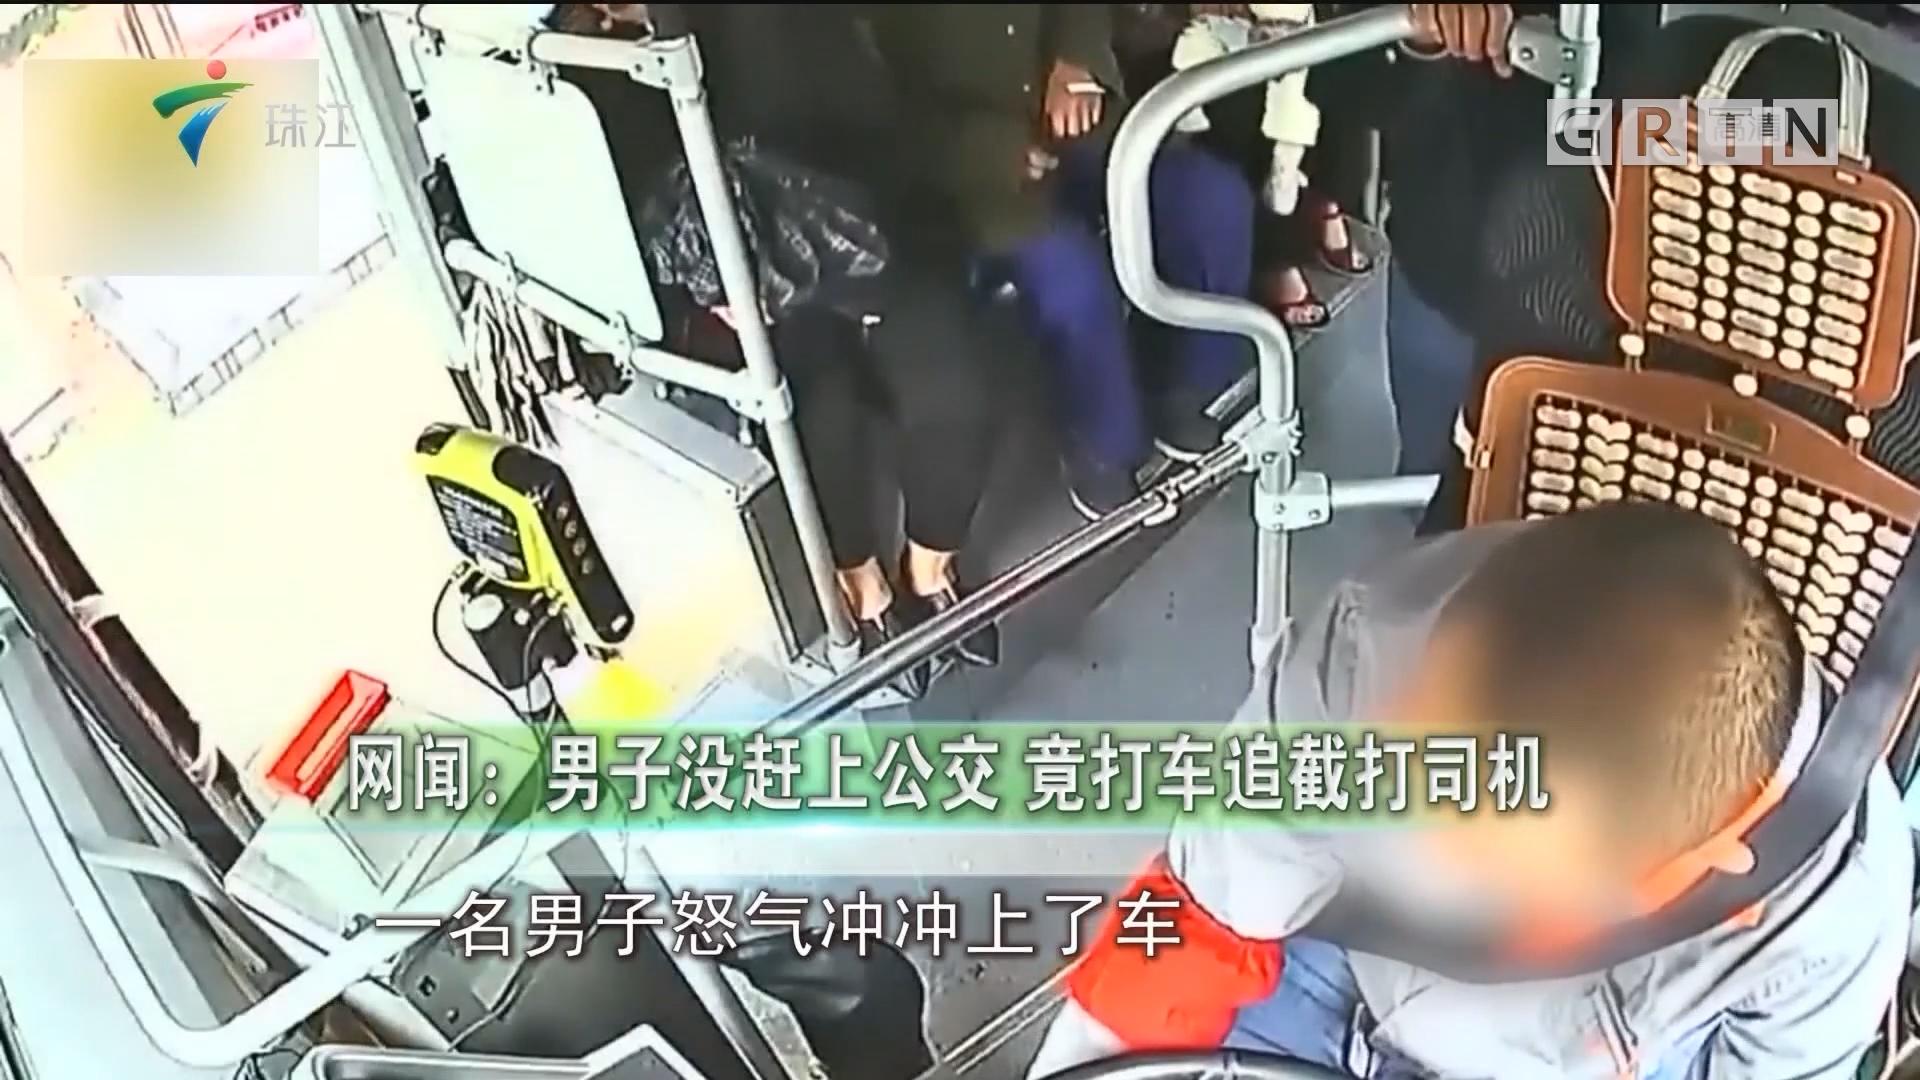 网闻:男子没赶上公交 竟打车追截打司机